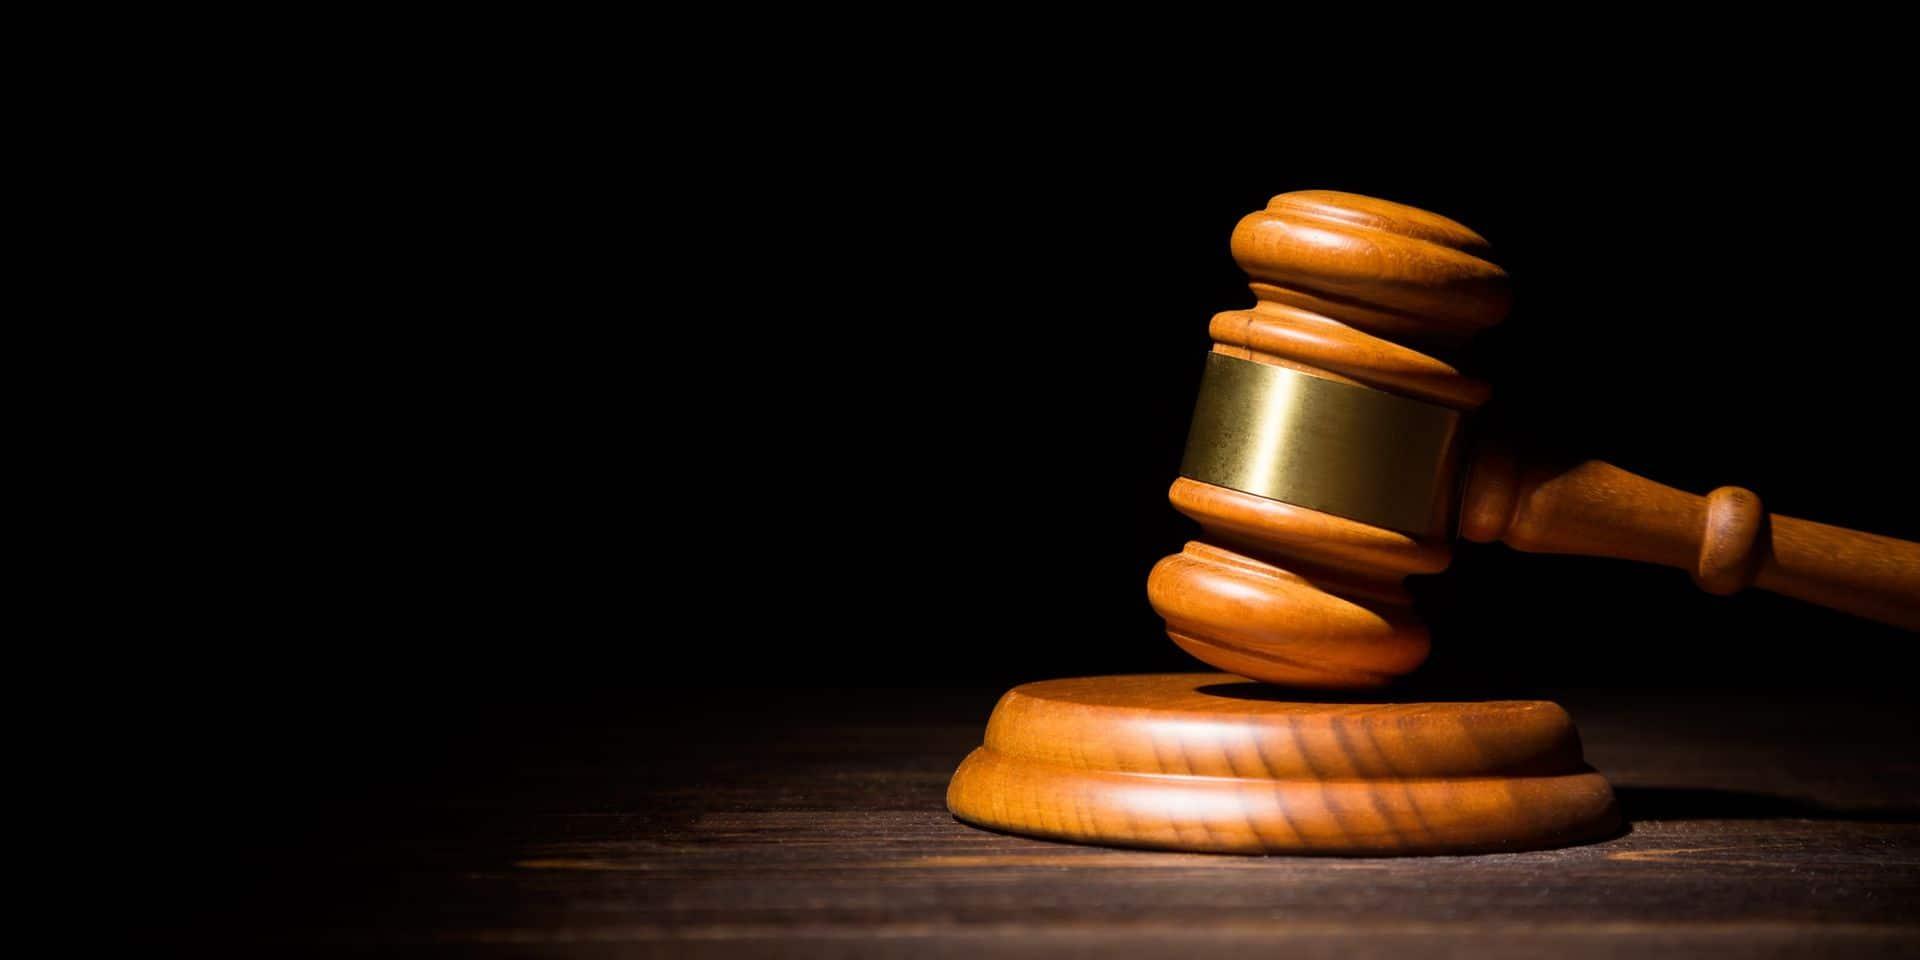 """4 ans de prison ferme pour le gynécologue qui a violé une patiente: """"La honte a changé de camp"""""""